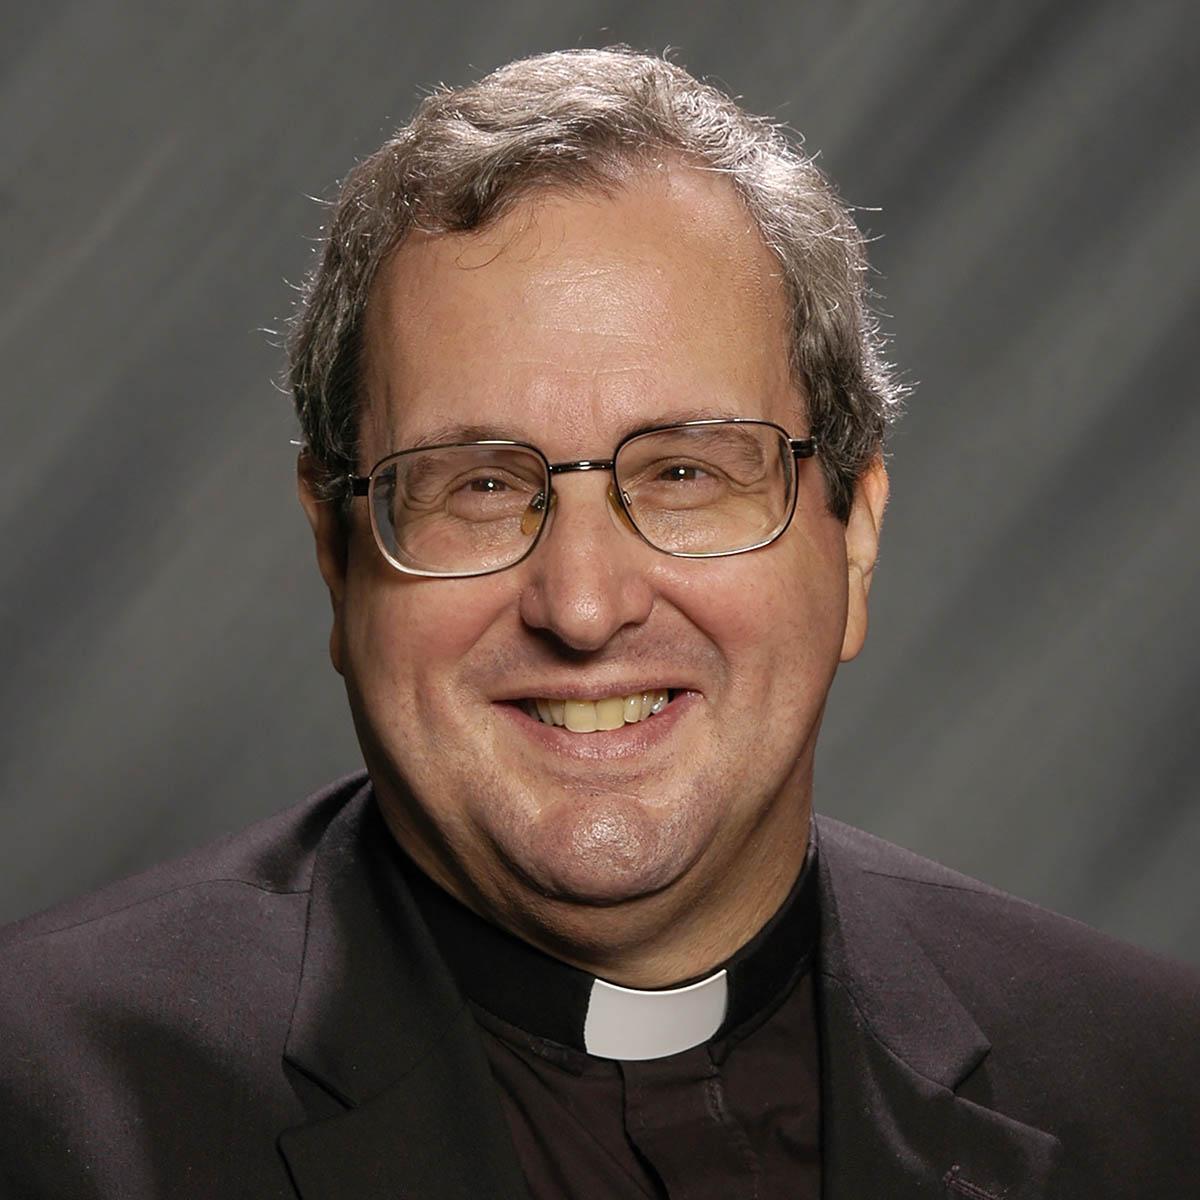 Fr Robert Spitzer